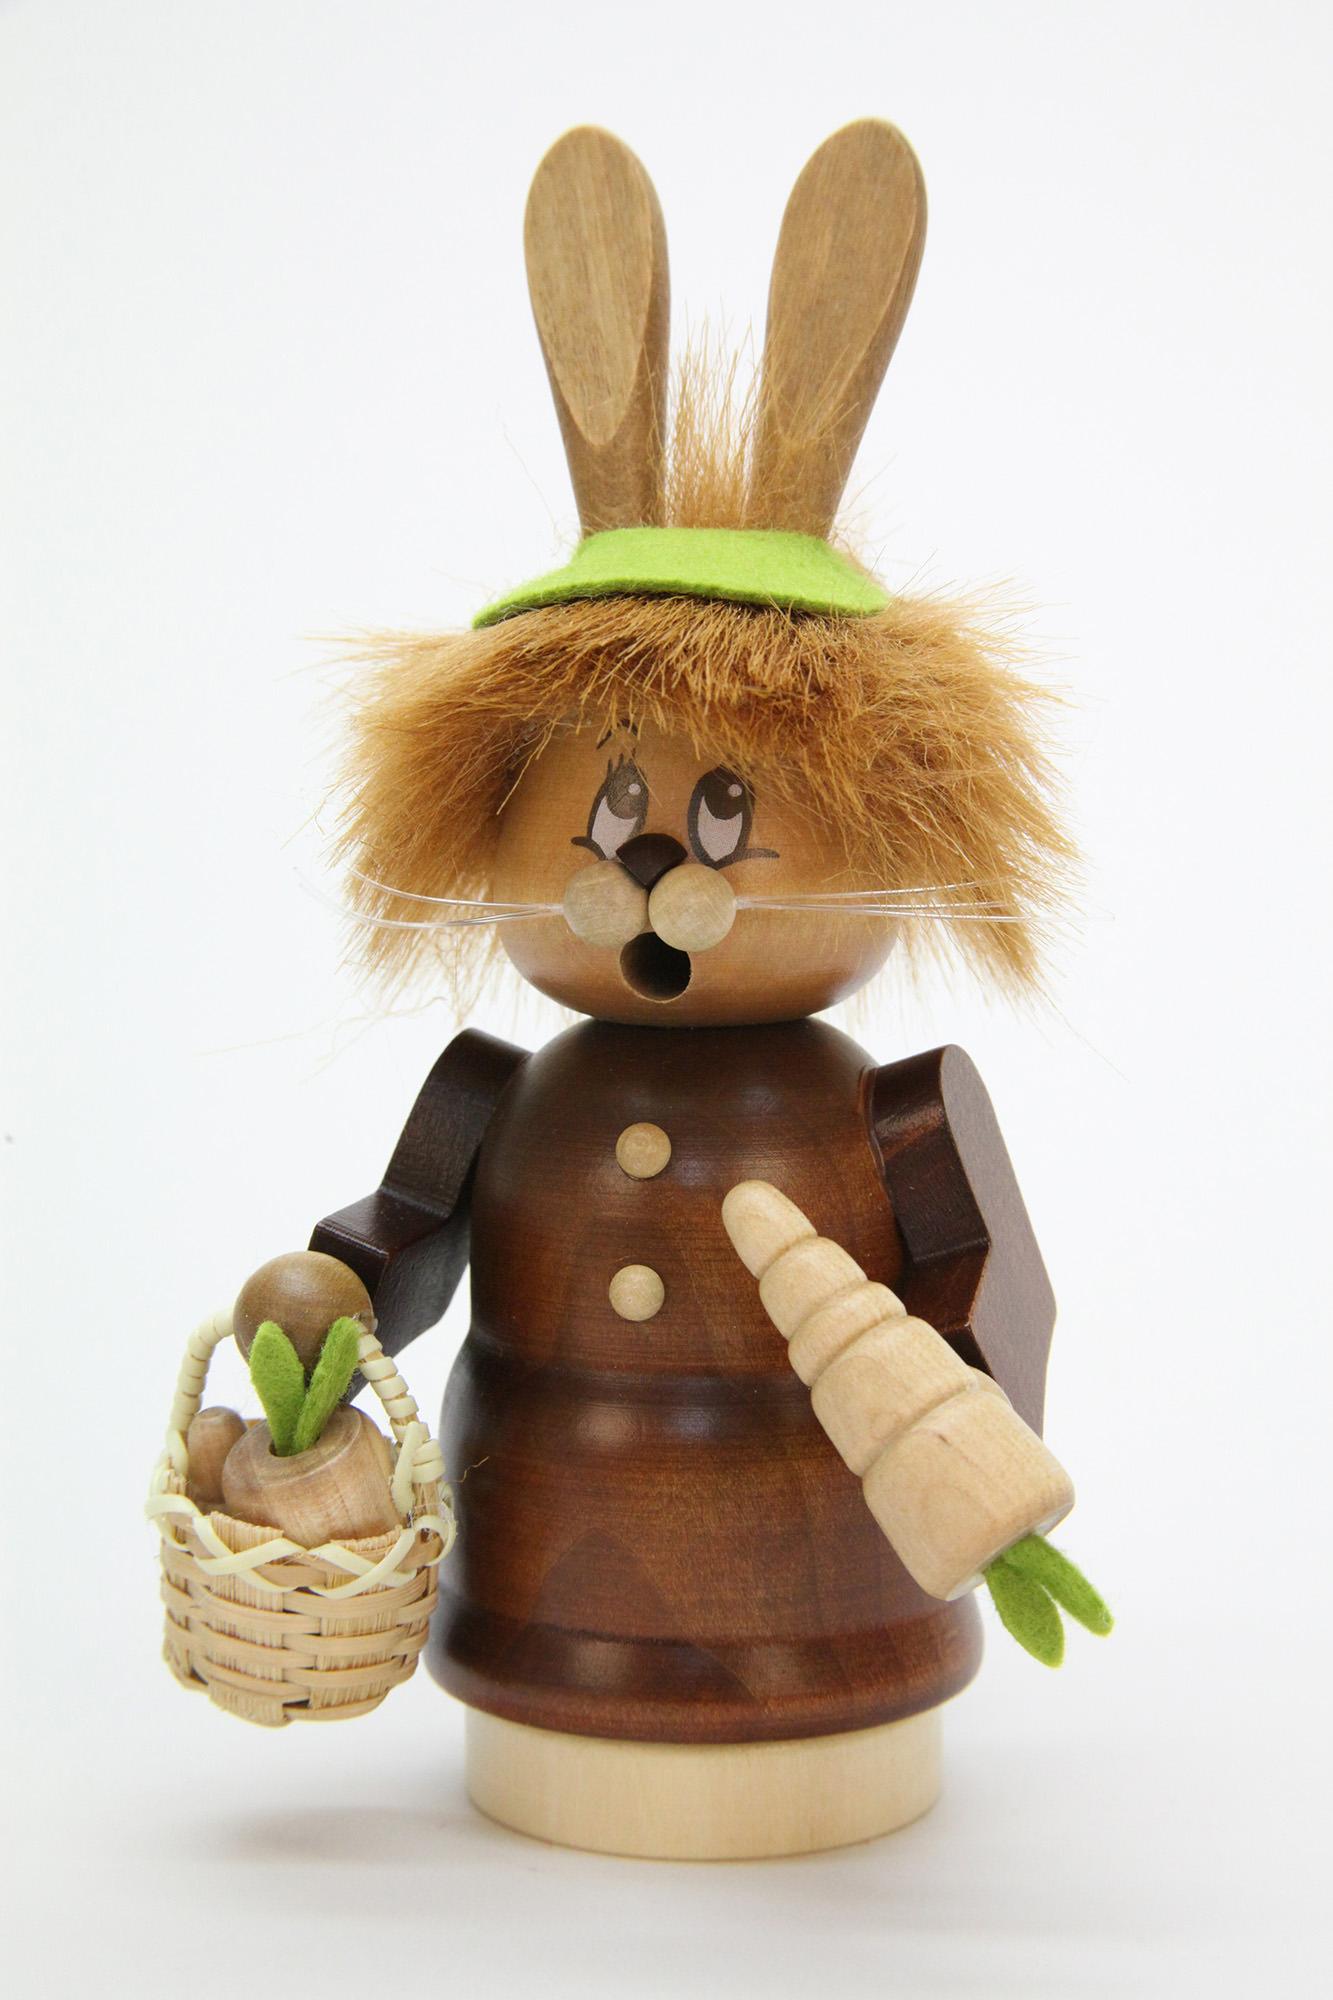 Räuchermännchen Miniwichtel Häsin mit Karotte